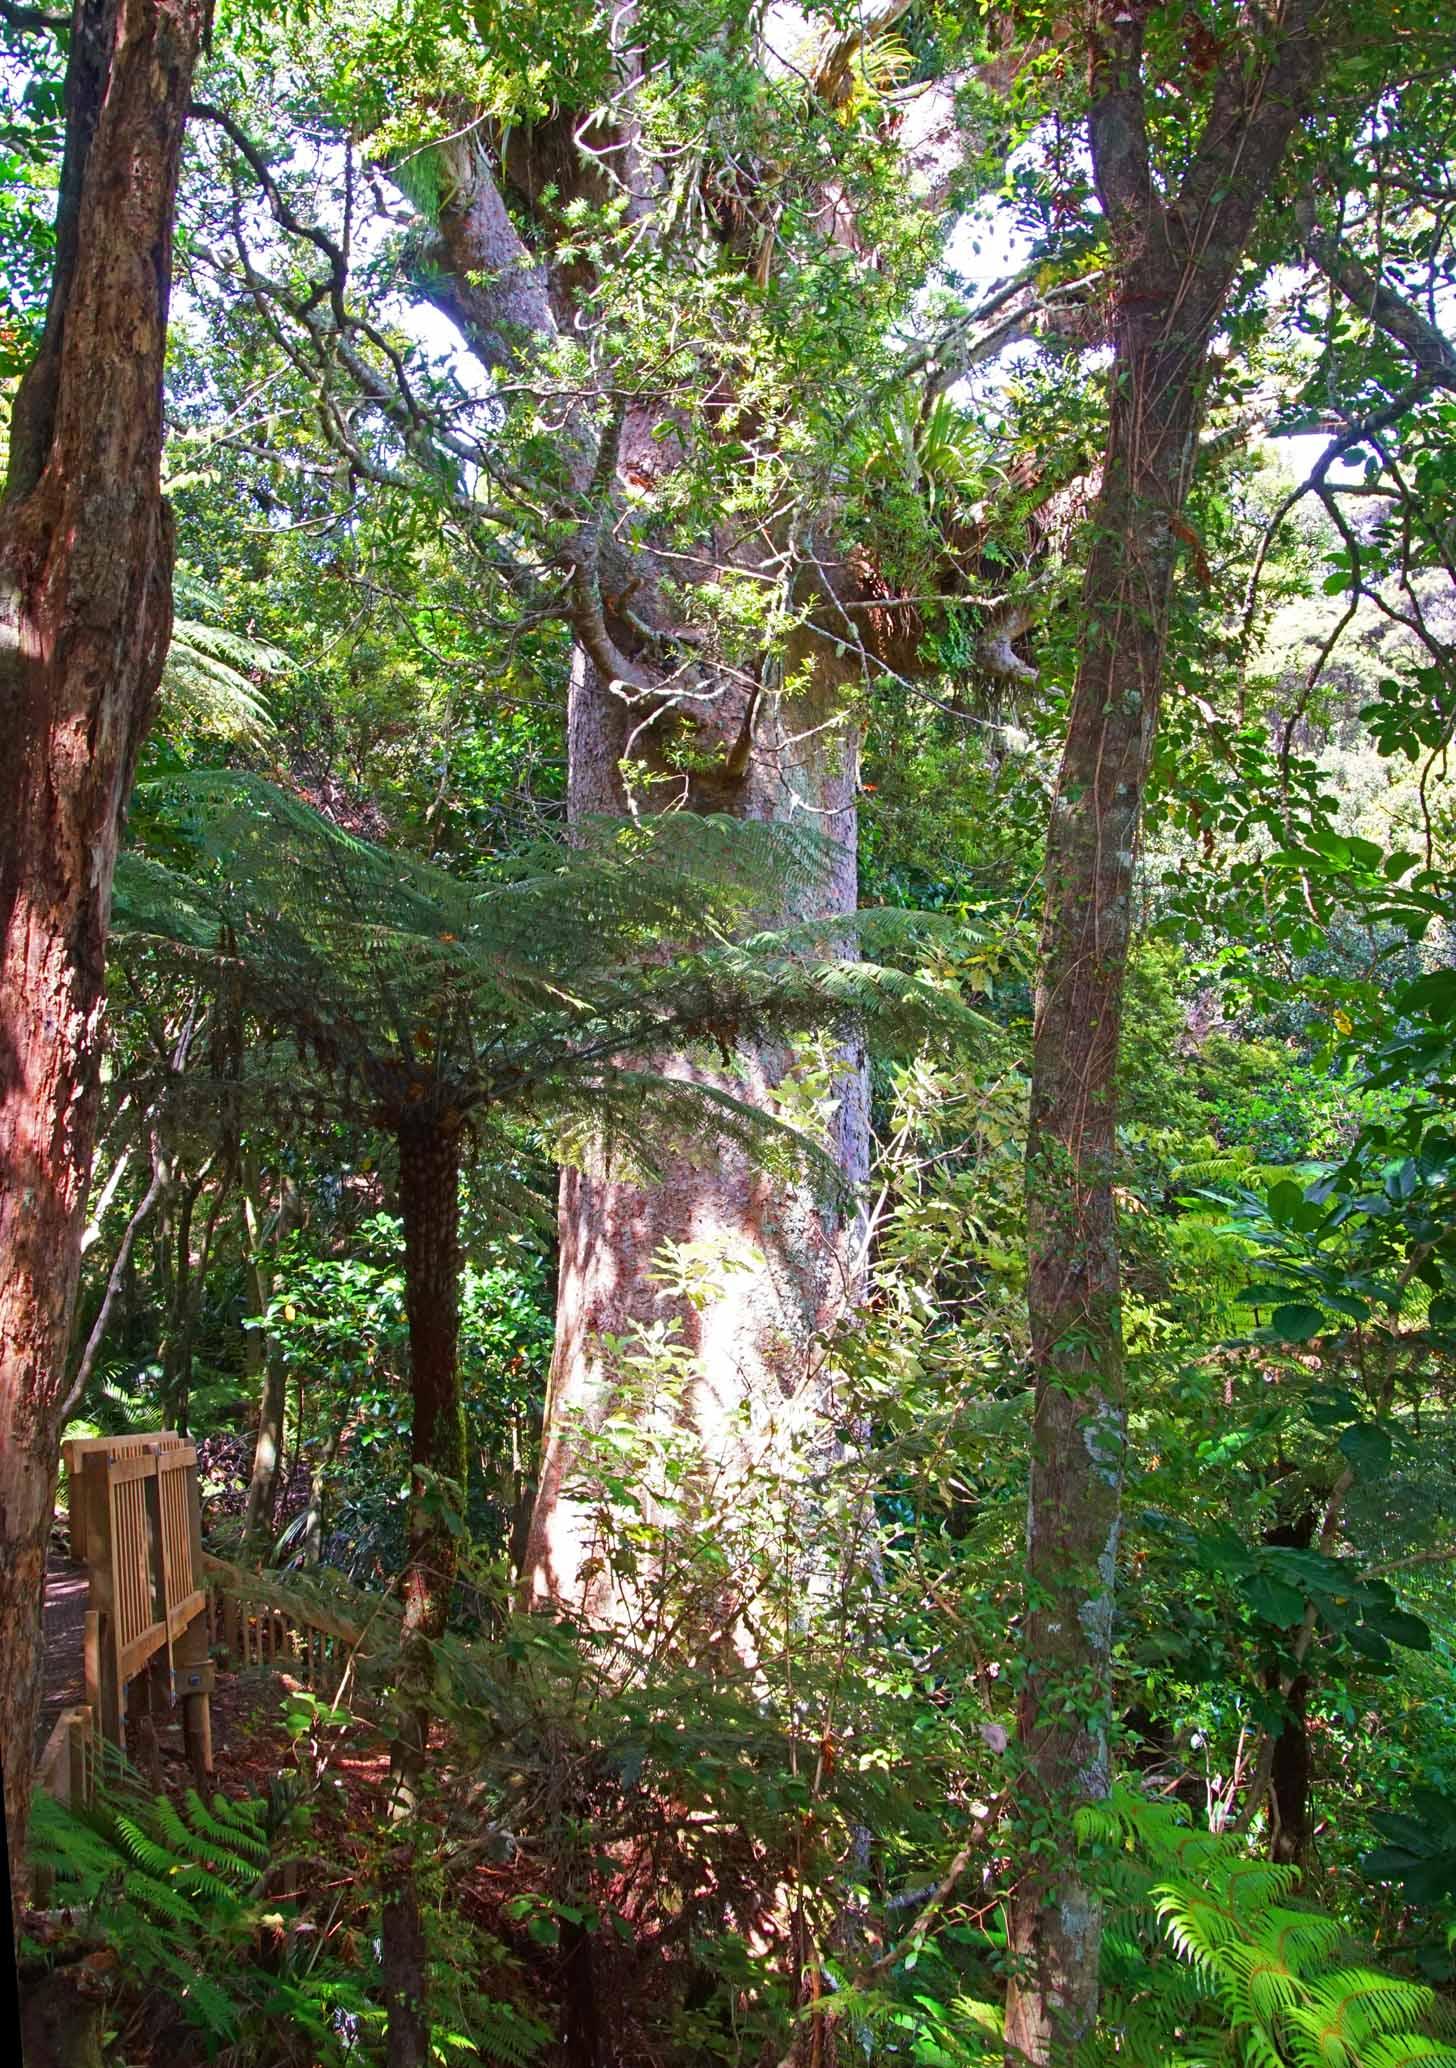 Der Kauri wird wohl auch noch die im 15. Jahrhundert ausgestorbenen Moas und Haastadler erlebt haben.